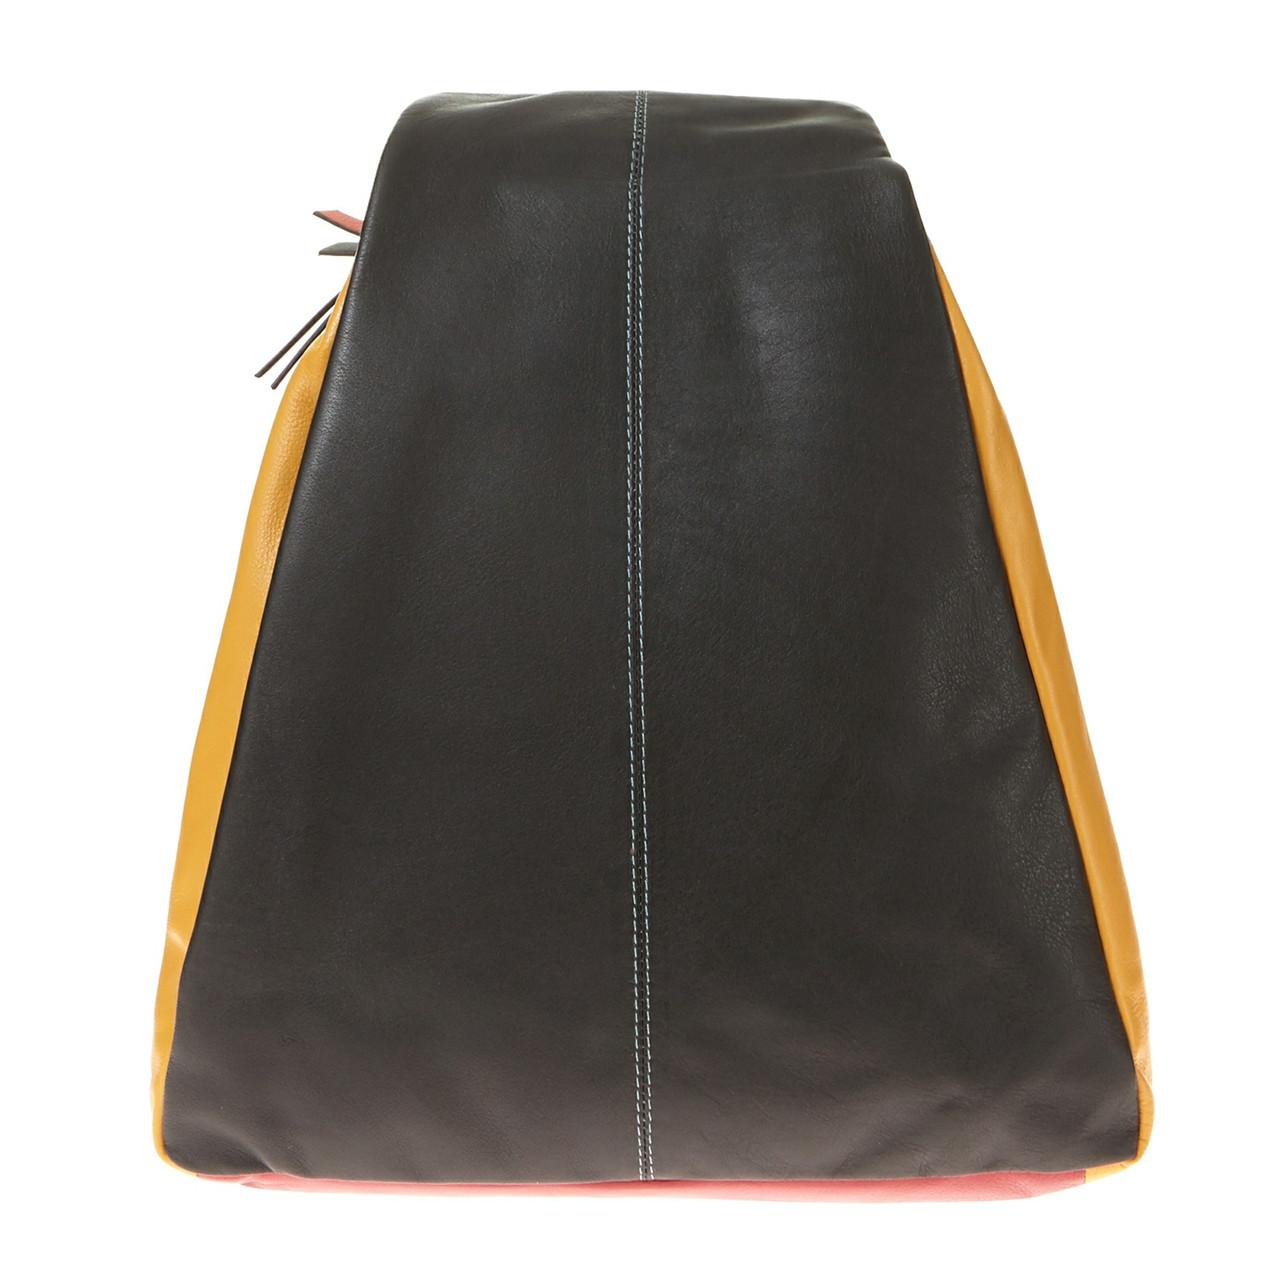 læder rygsæk tasker